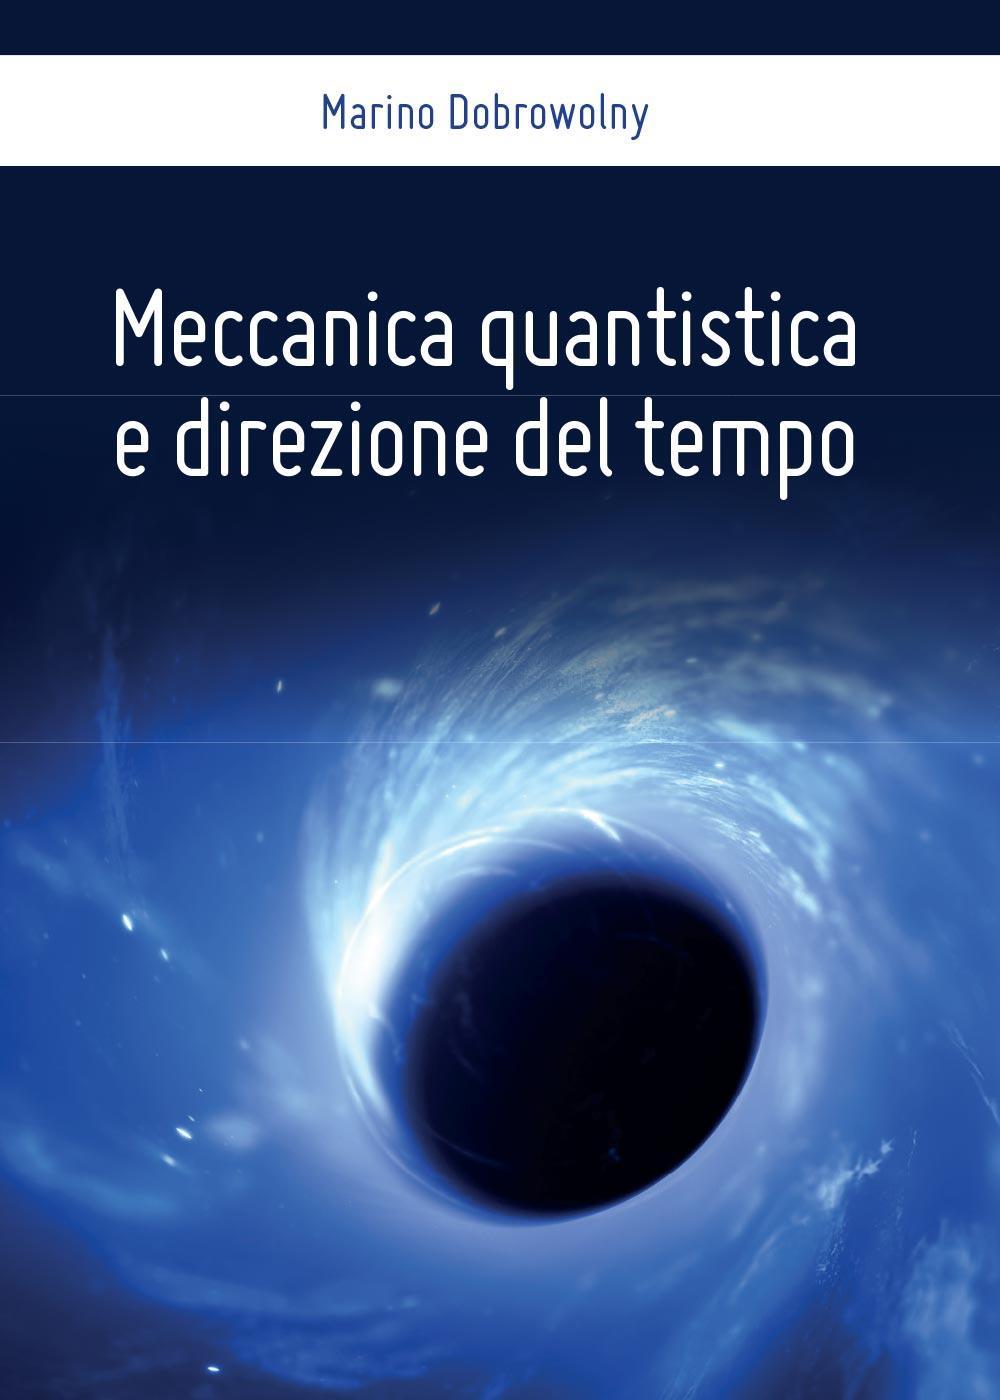 Meccanica quantistica e direzione del tempo